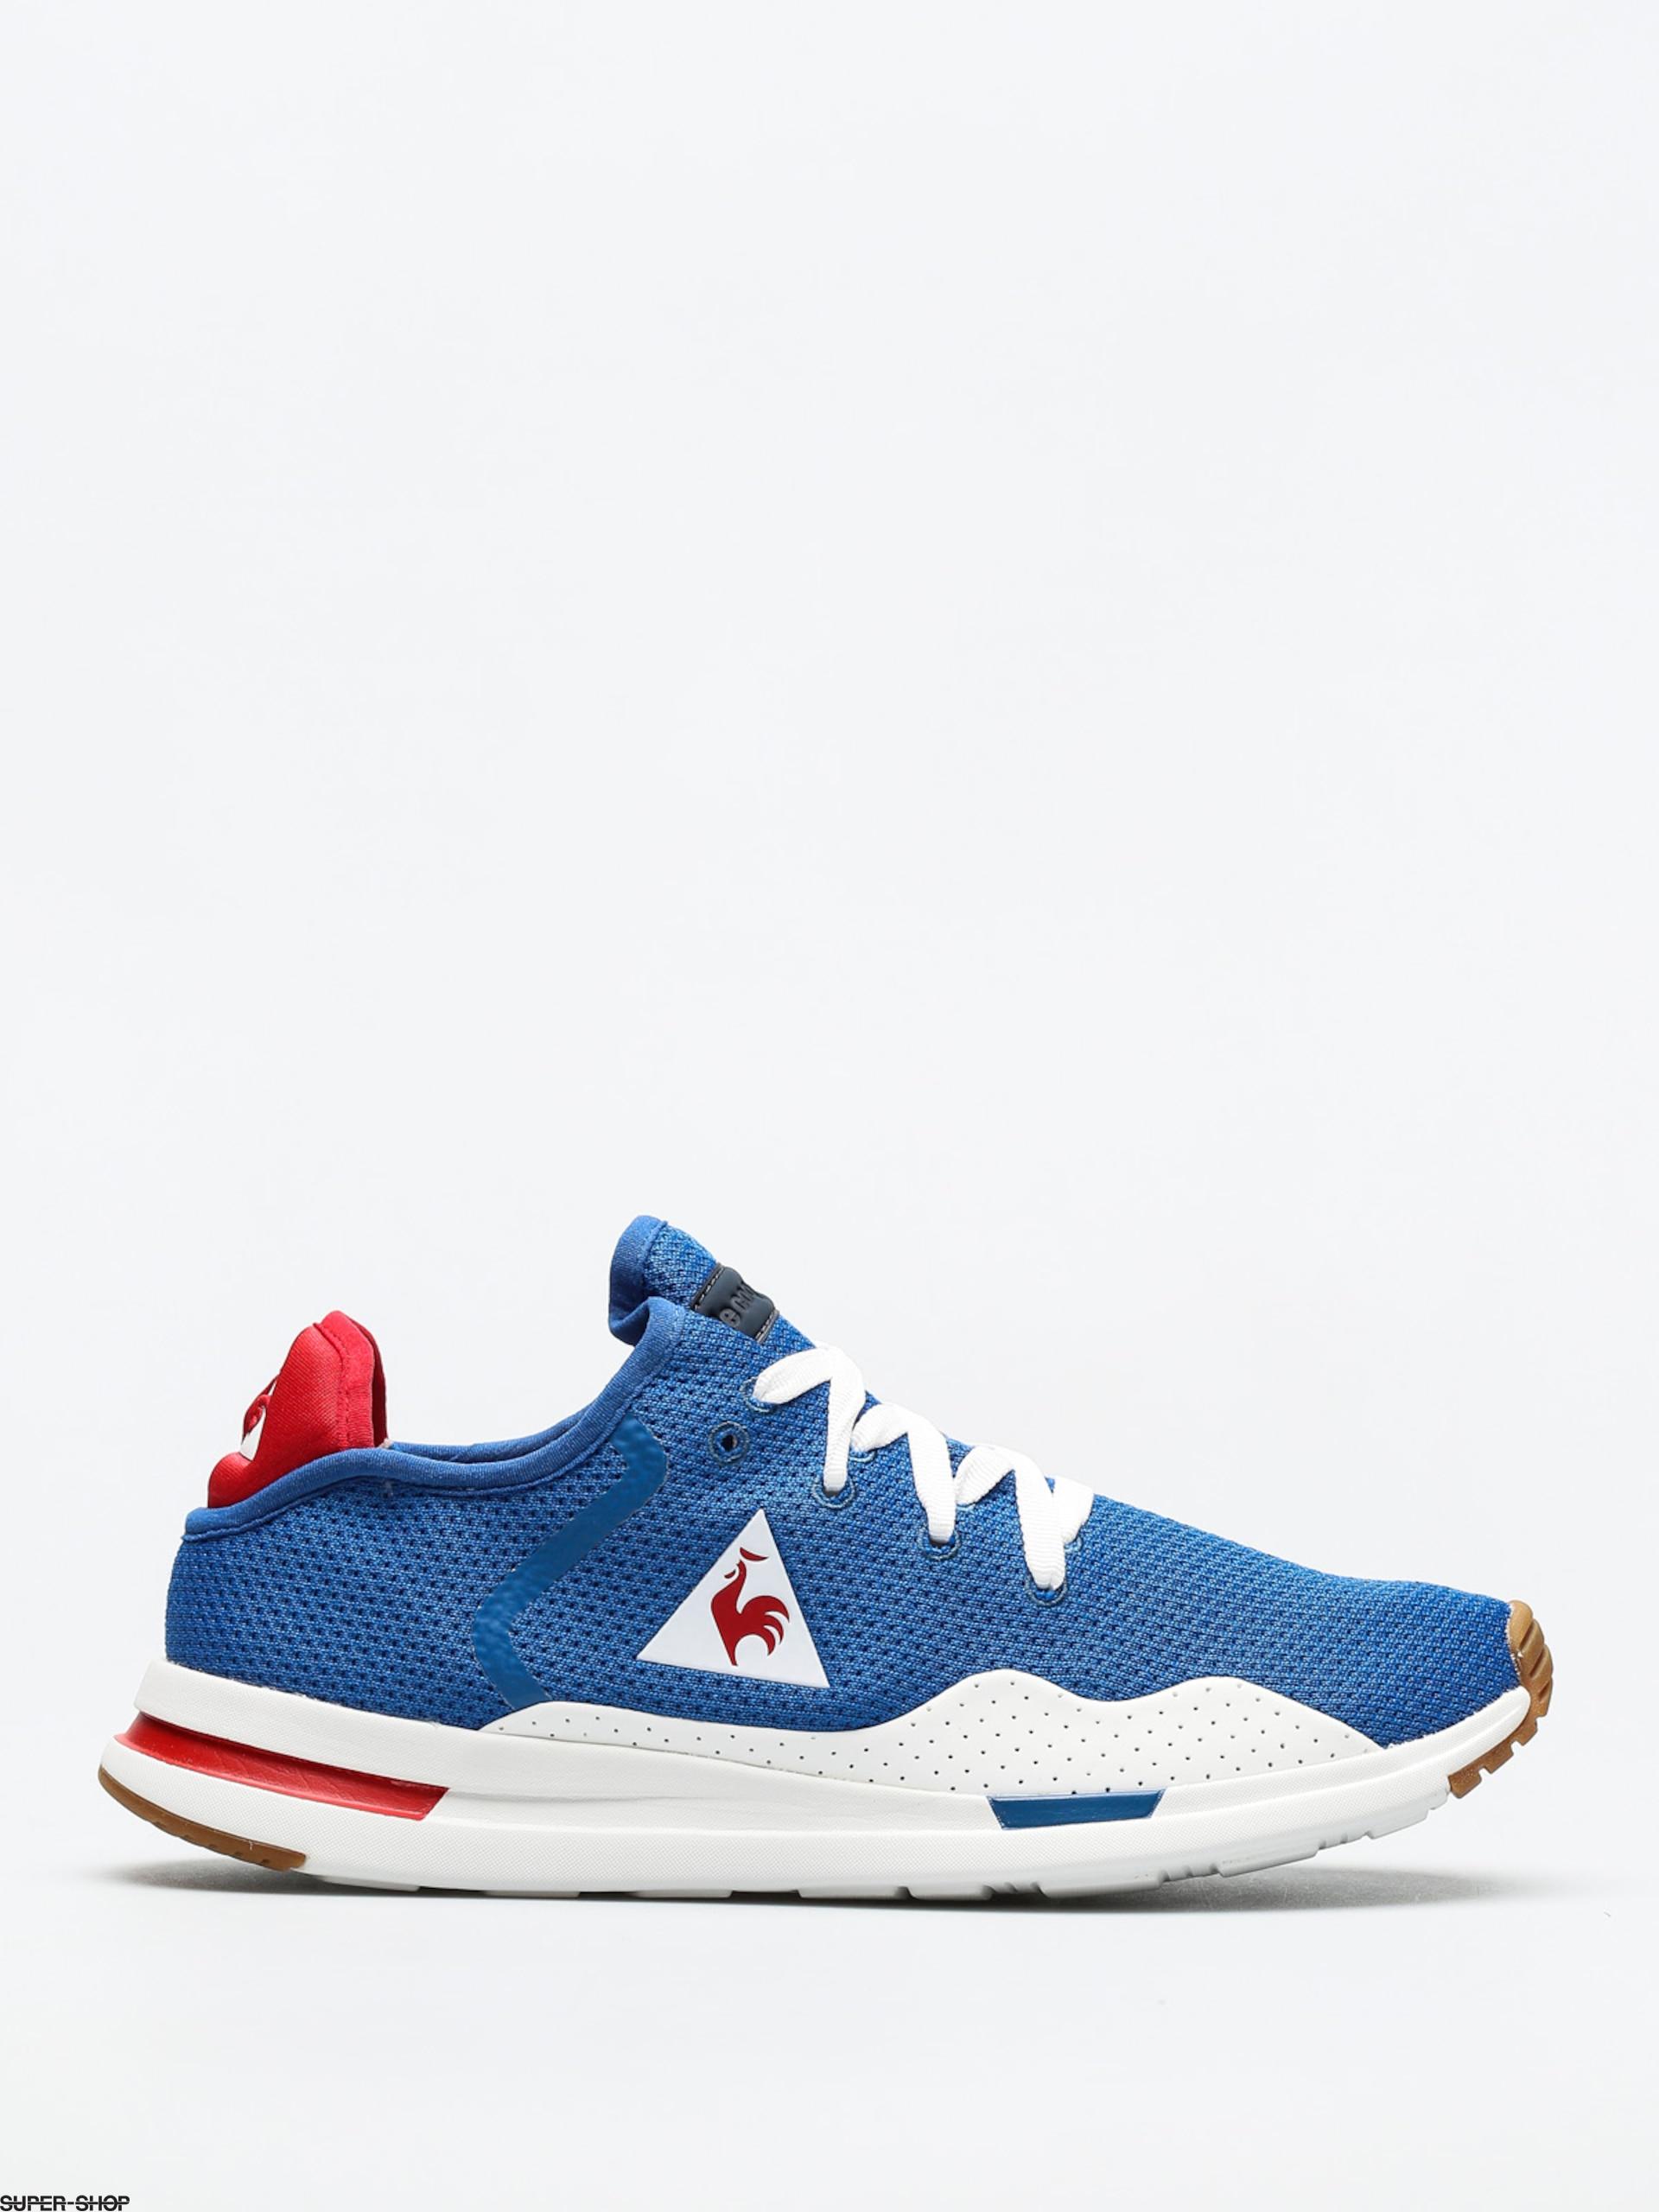 Le Coq Sportif Shoes Solas Sport Gum